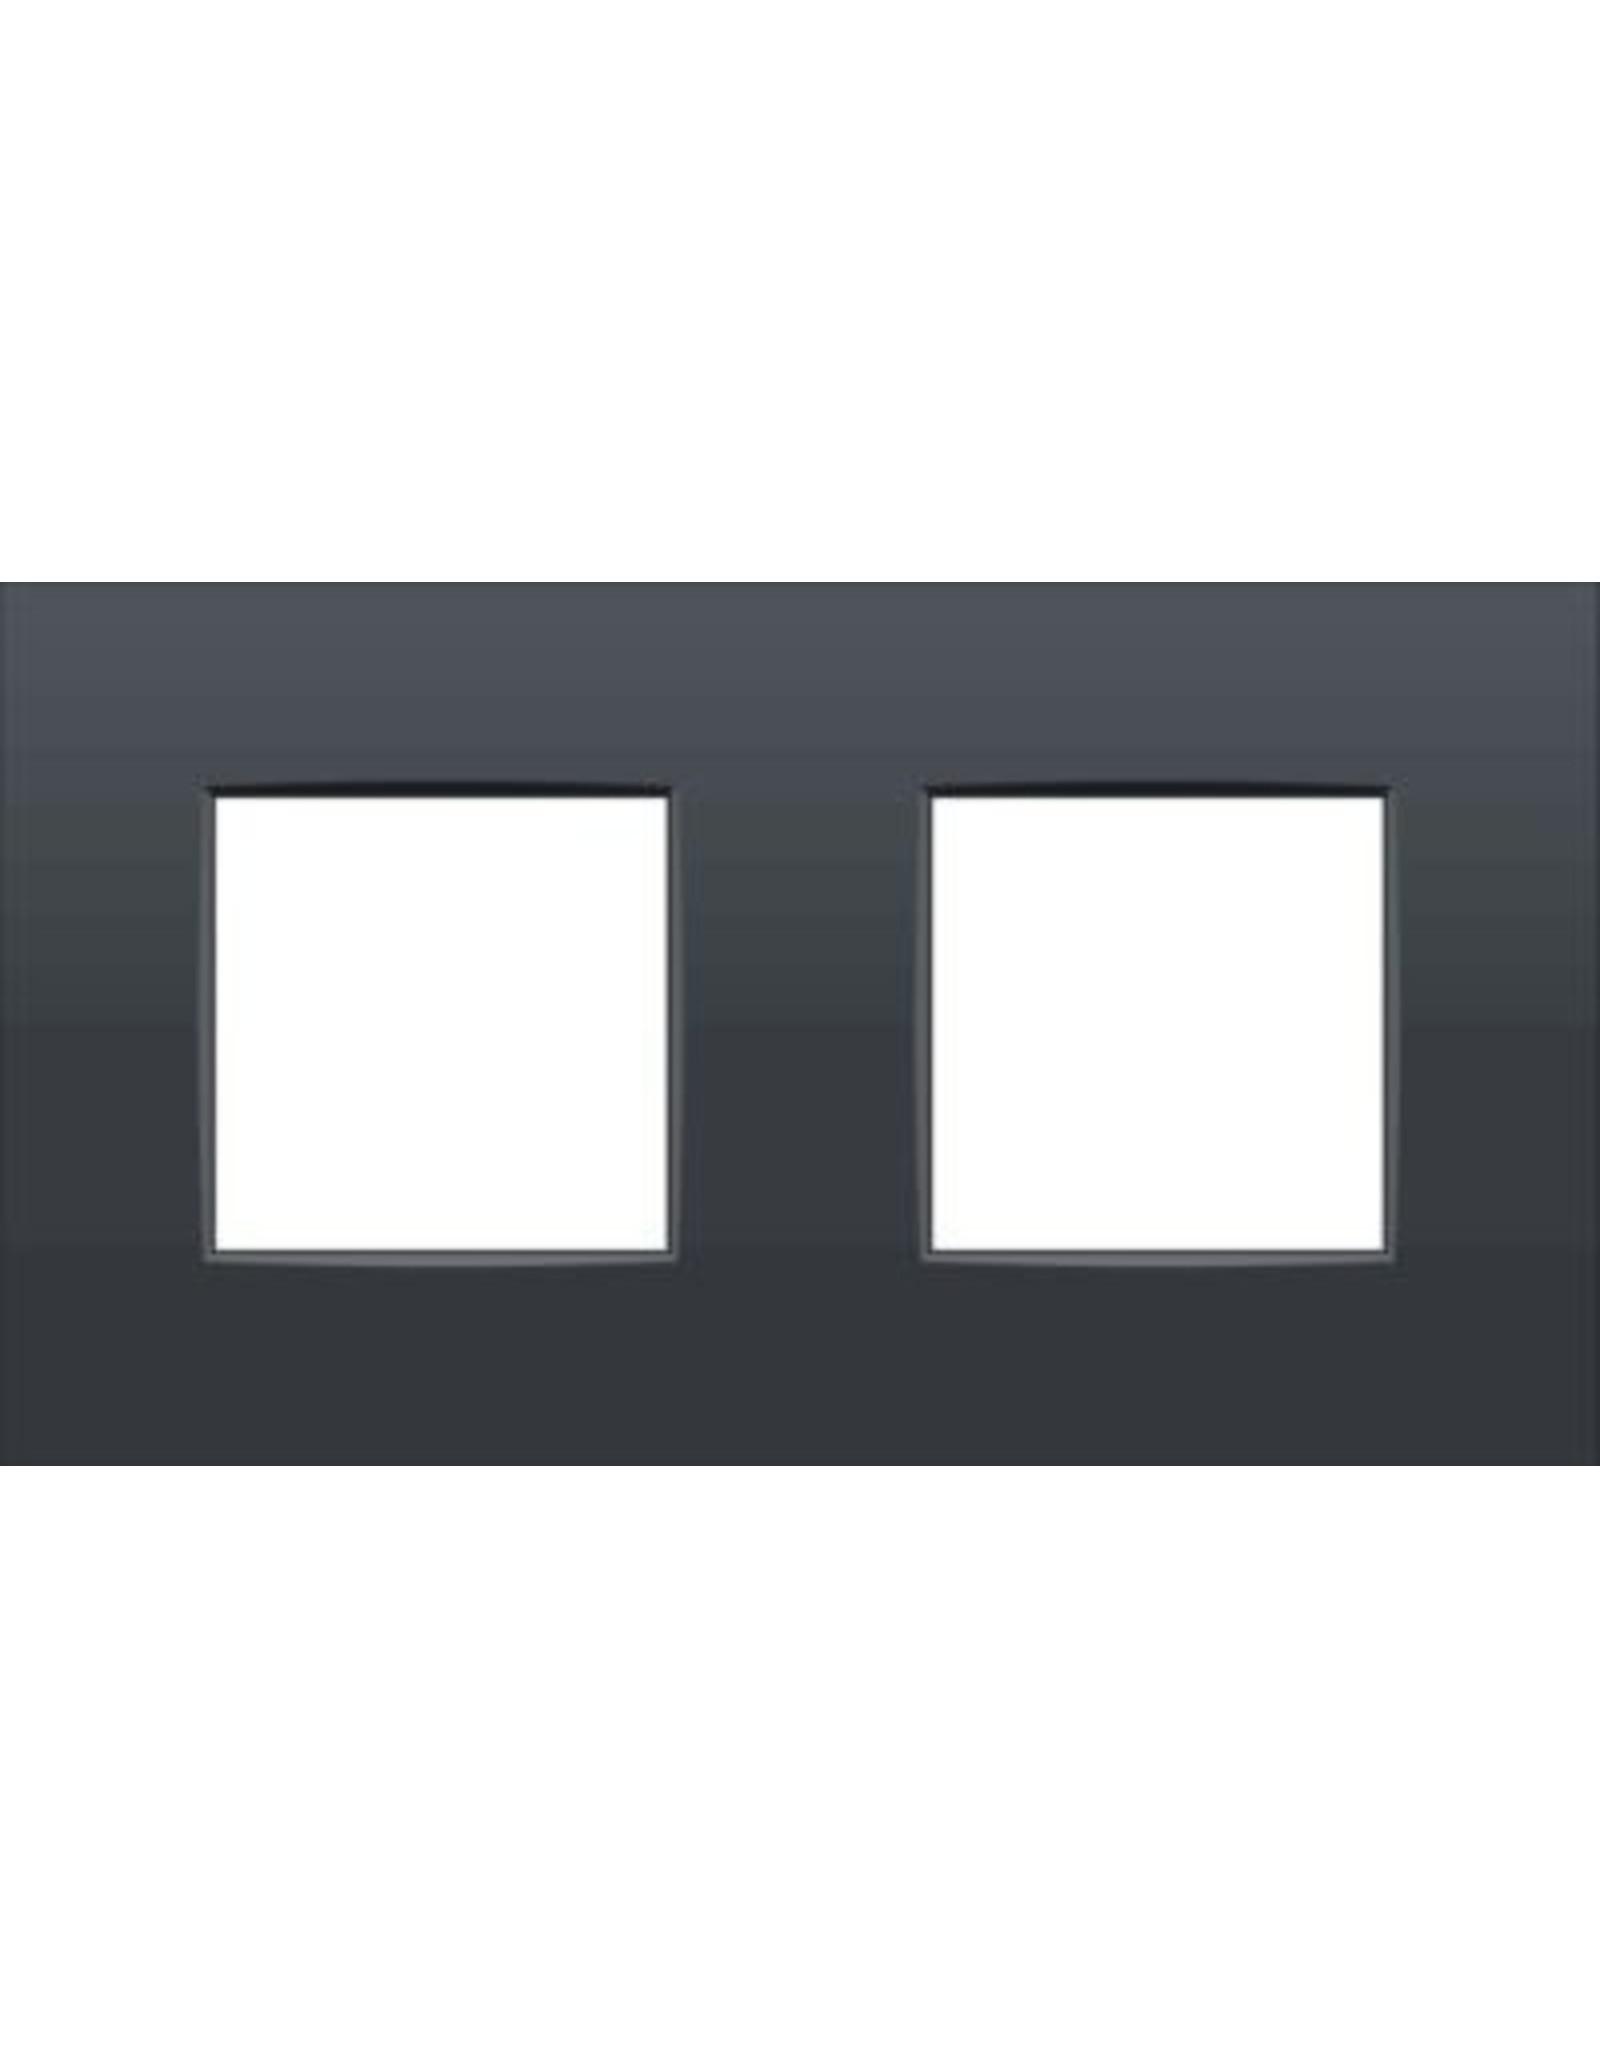 Niko Afdekplaat (71mm) 2-voudig horizontaal, antraciet